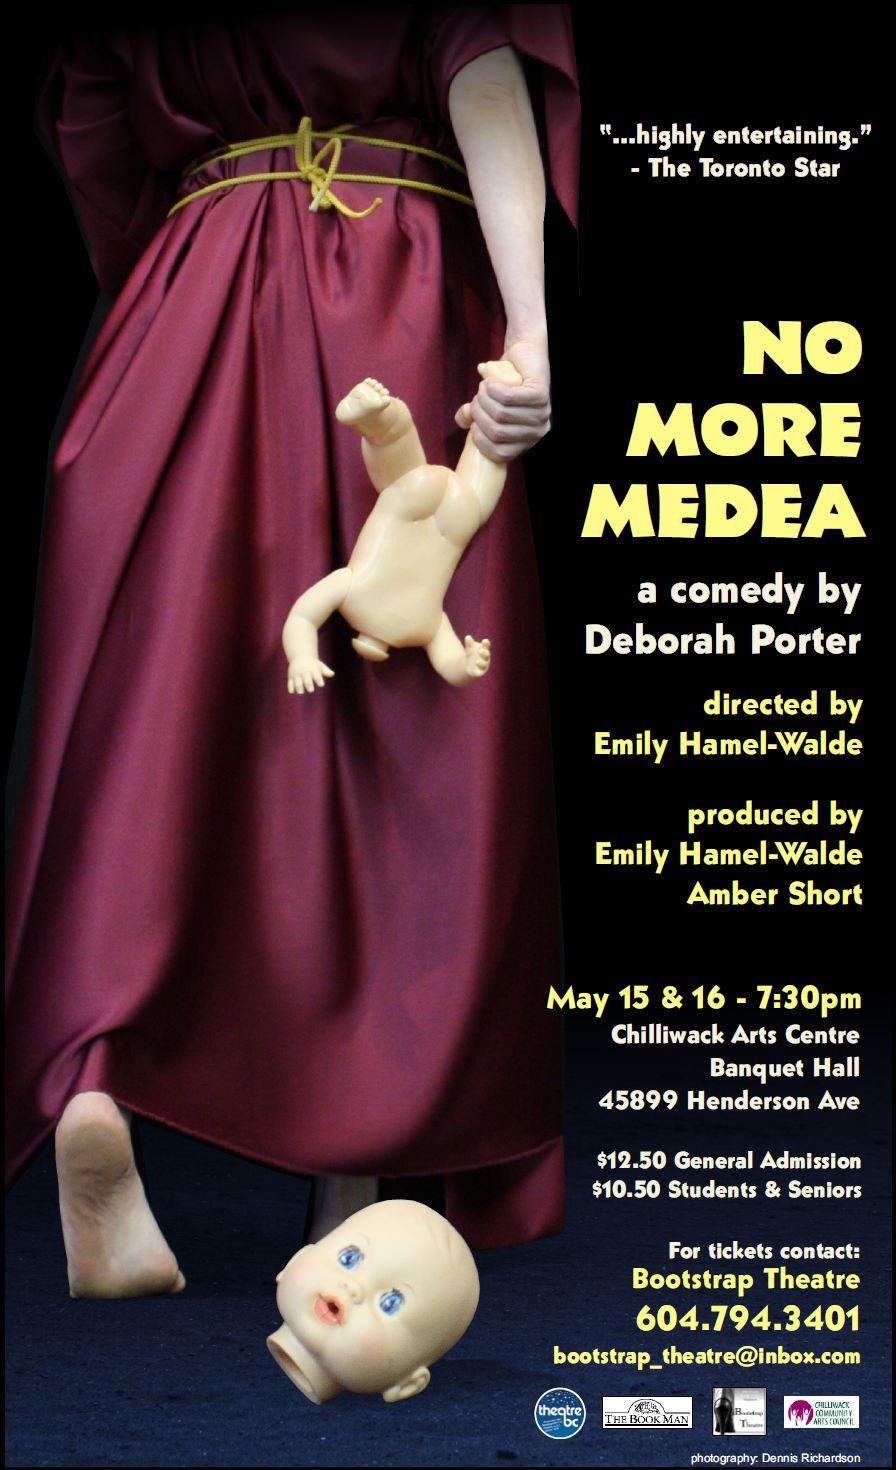 No More Medea